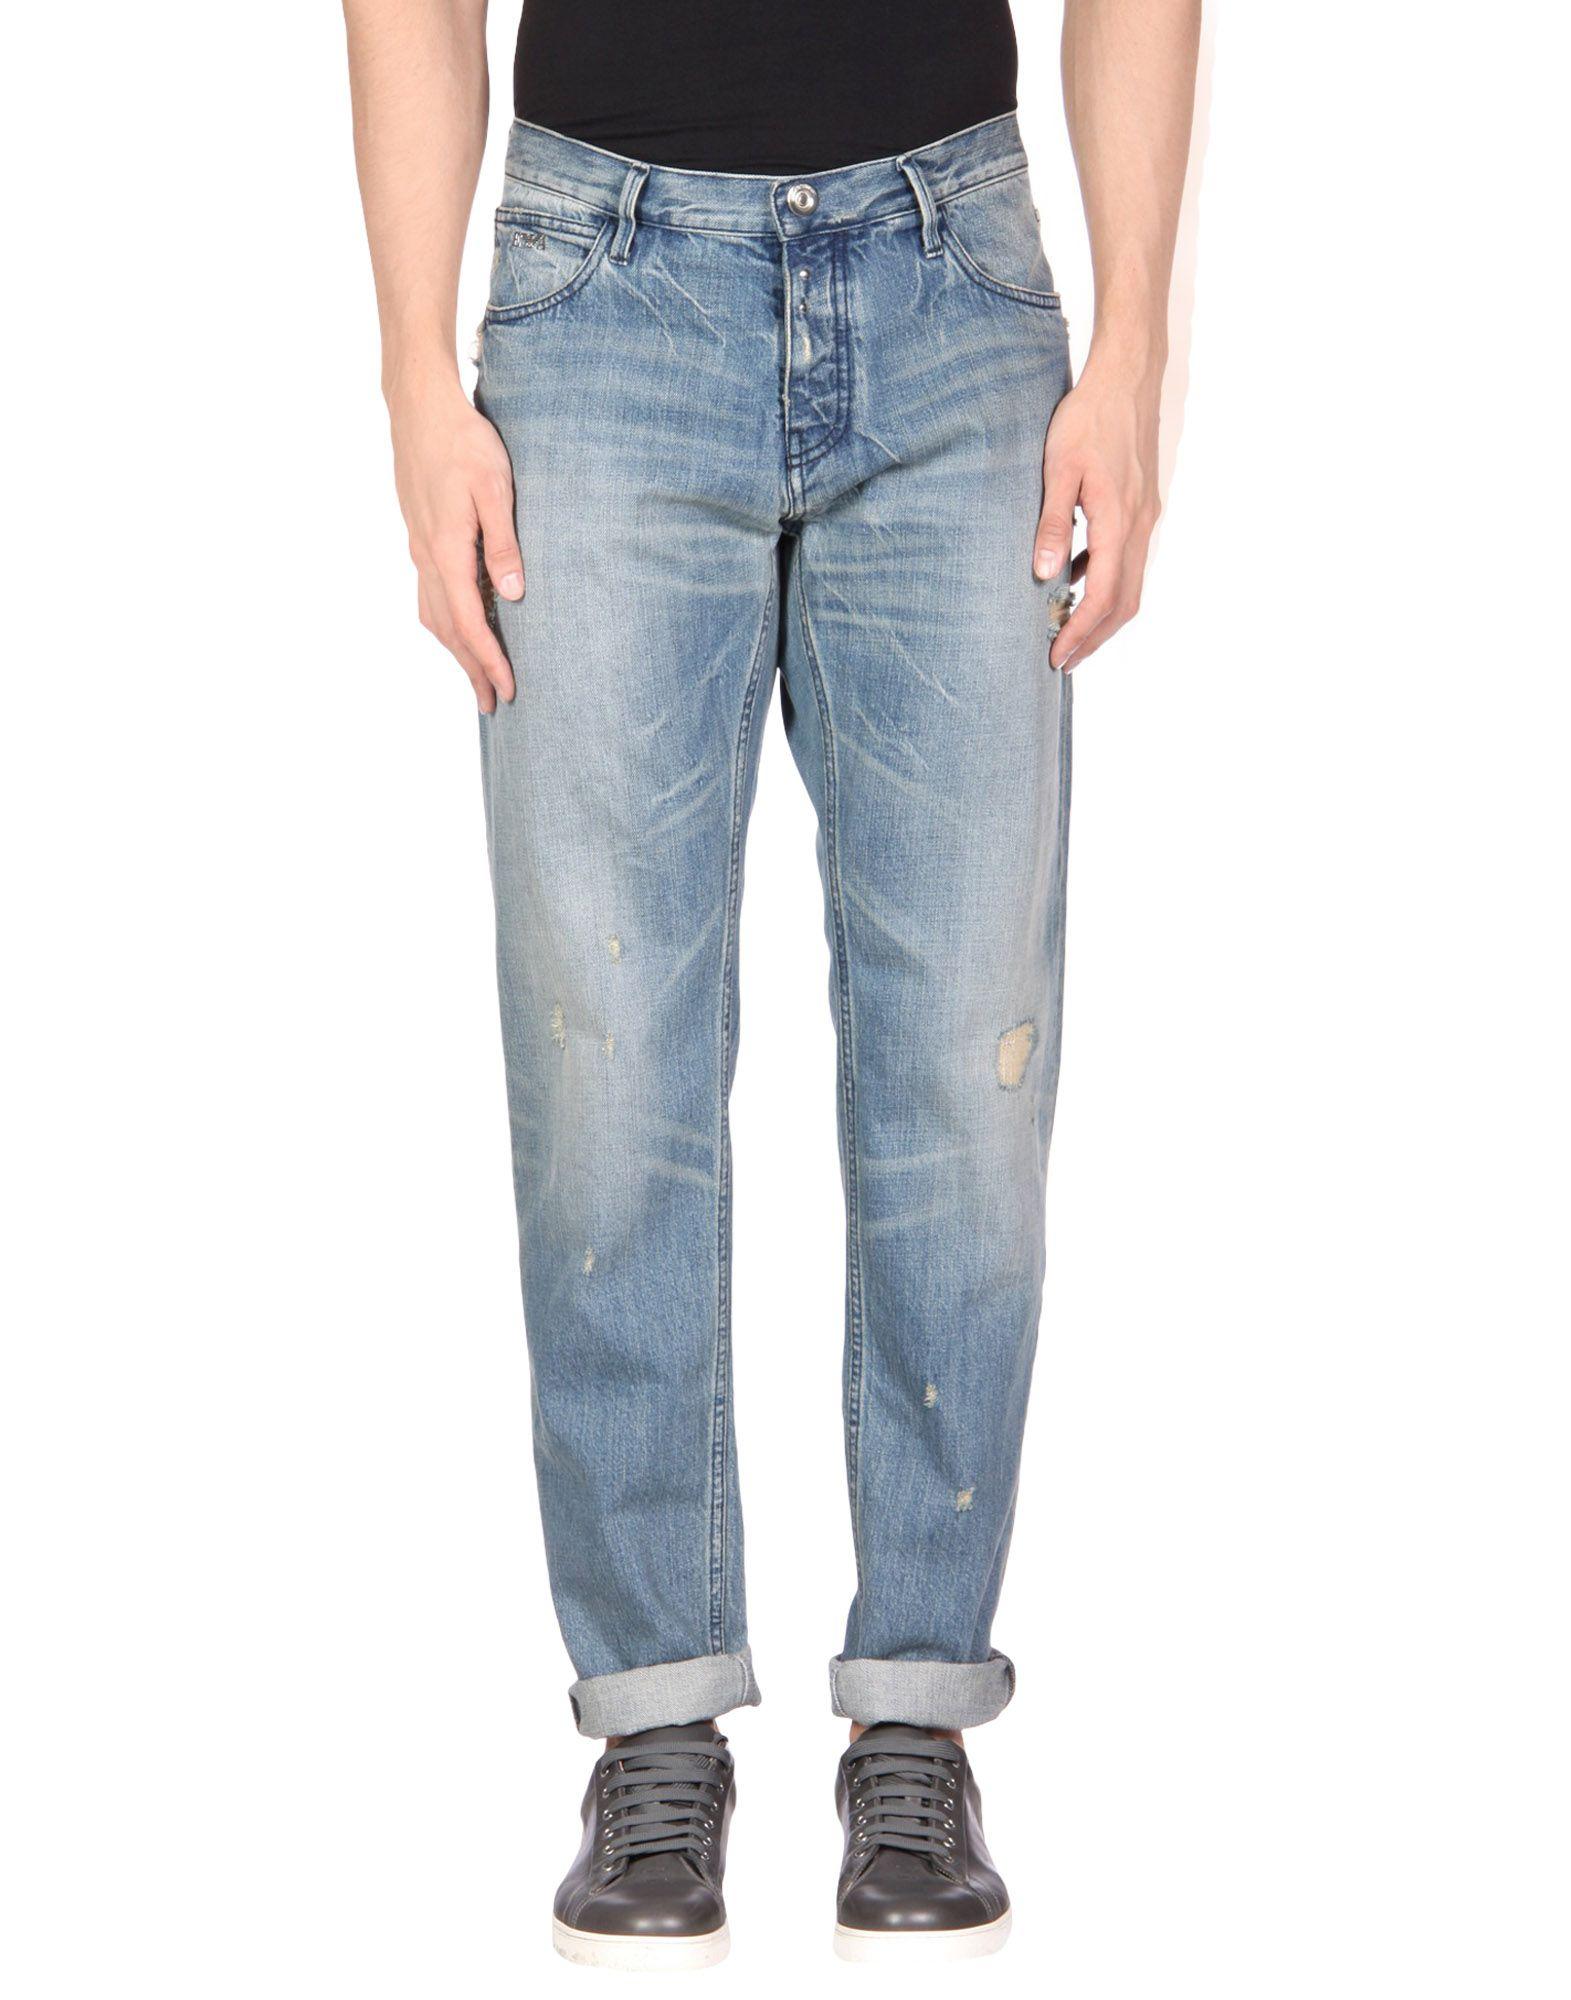 Pantaloni Jeans Emporio Armani Uomo - Acquista online su